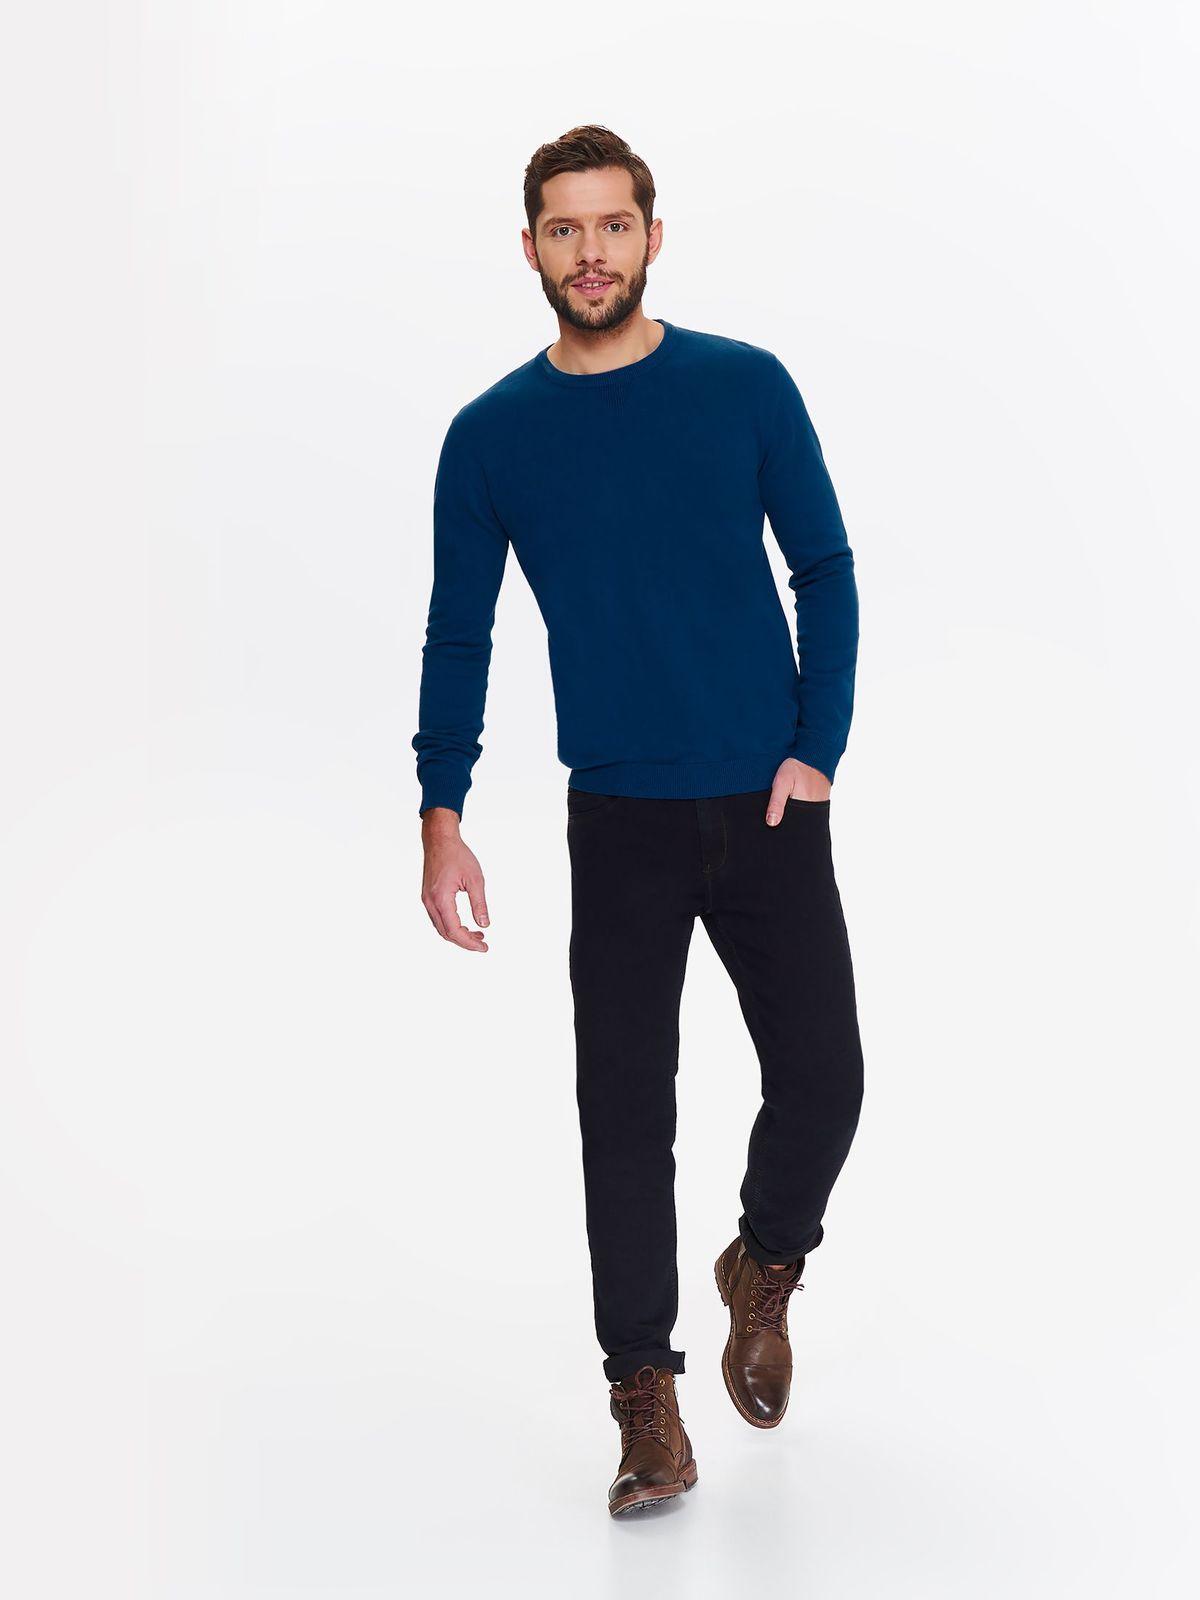 Свитер мужской Top Secret, цвет: синий. SSW2307NI. Размер XL (50)SSW2307NI